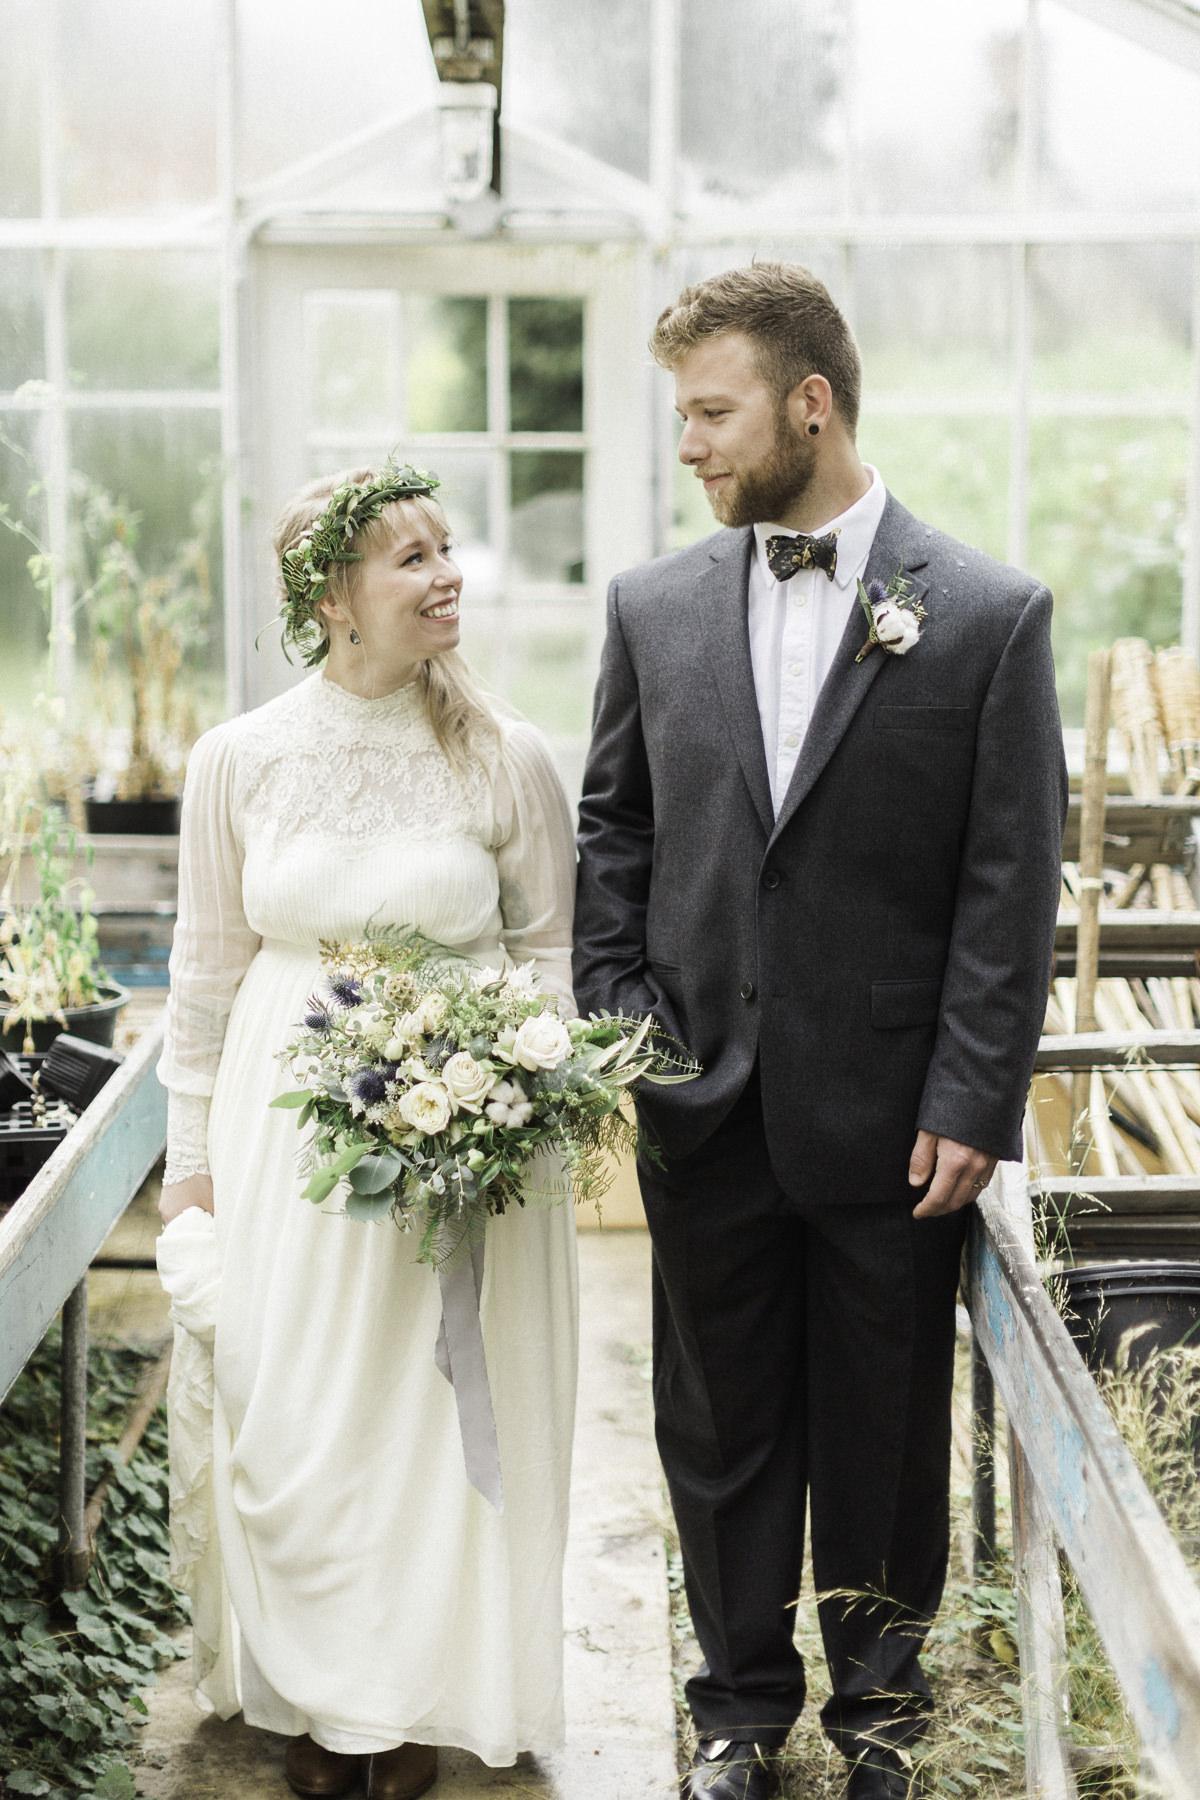 Matt-and-Chelsey-Nelson-wedding-31.jpg